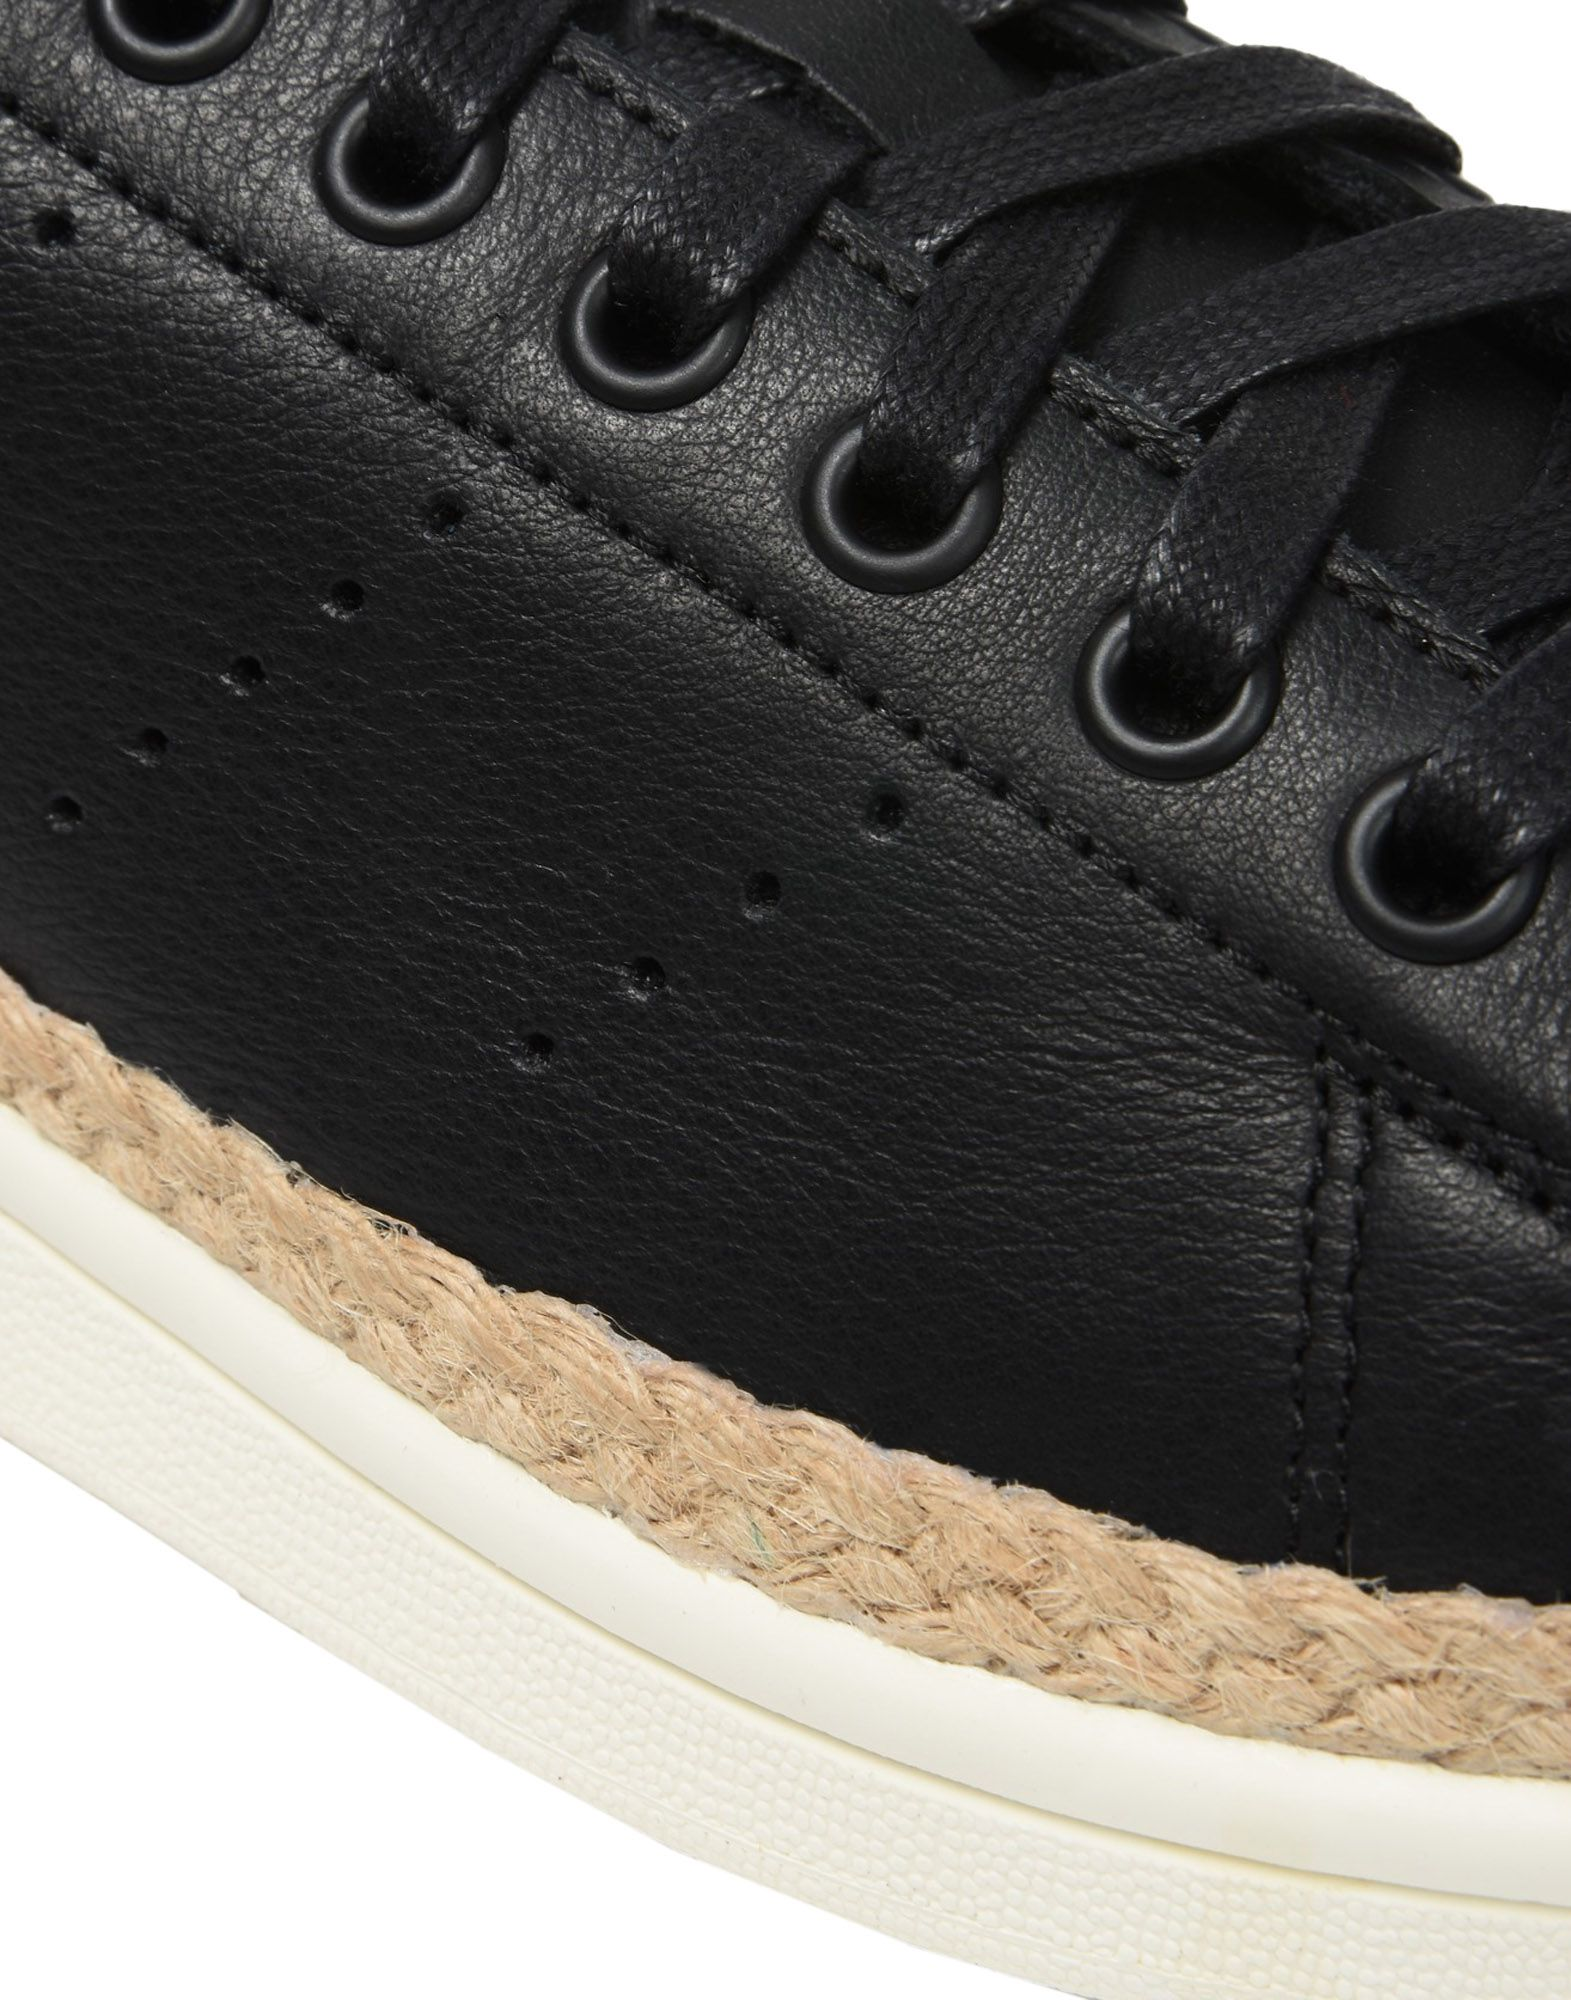 Adidas Originals Stan Smith  New Bold  Smith 11436256BQ Gute Qualität beliebte Schuhe 2bb19d